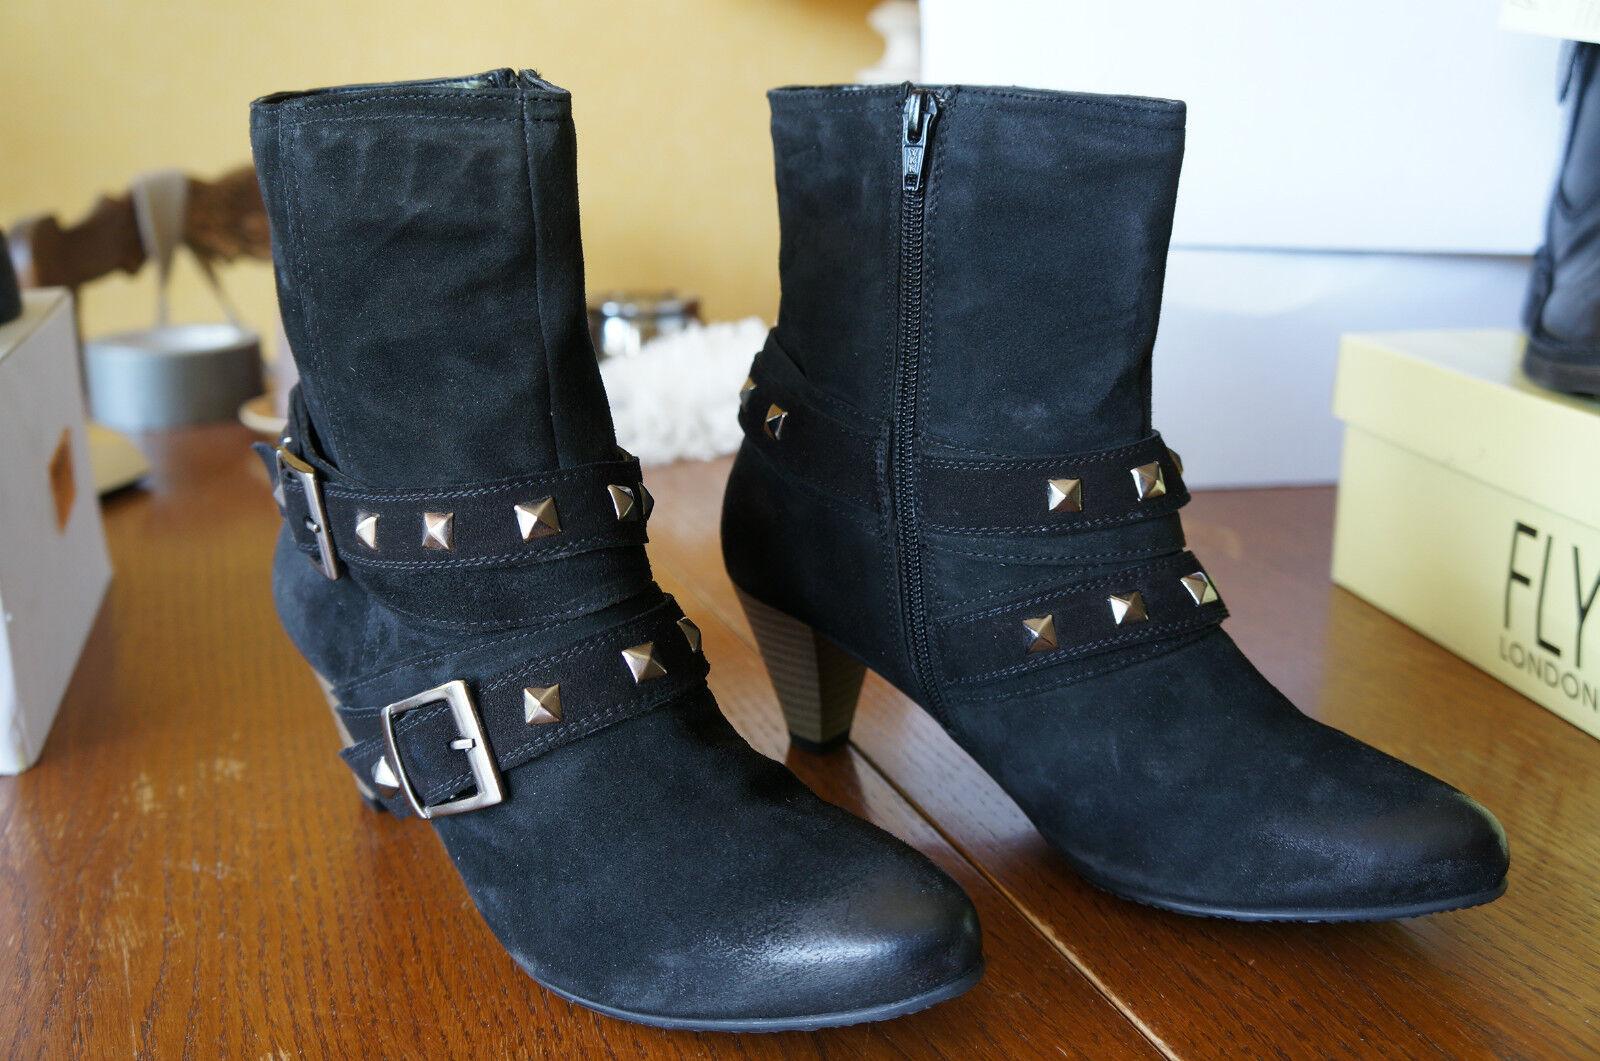 Daniel Hechter 0608, Boots femme - Noir, 40 EU